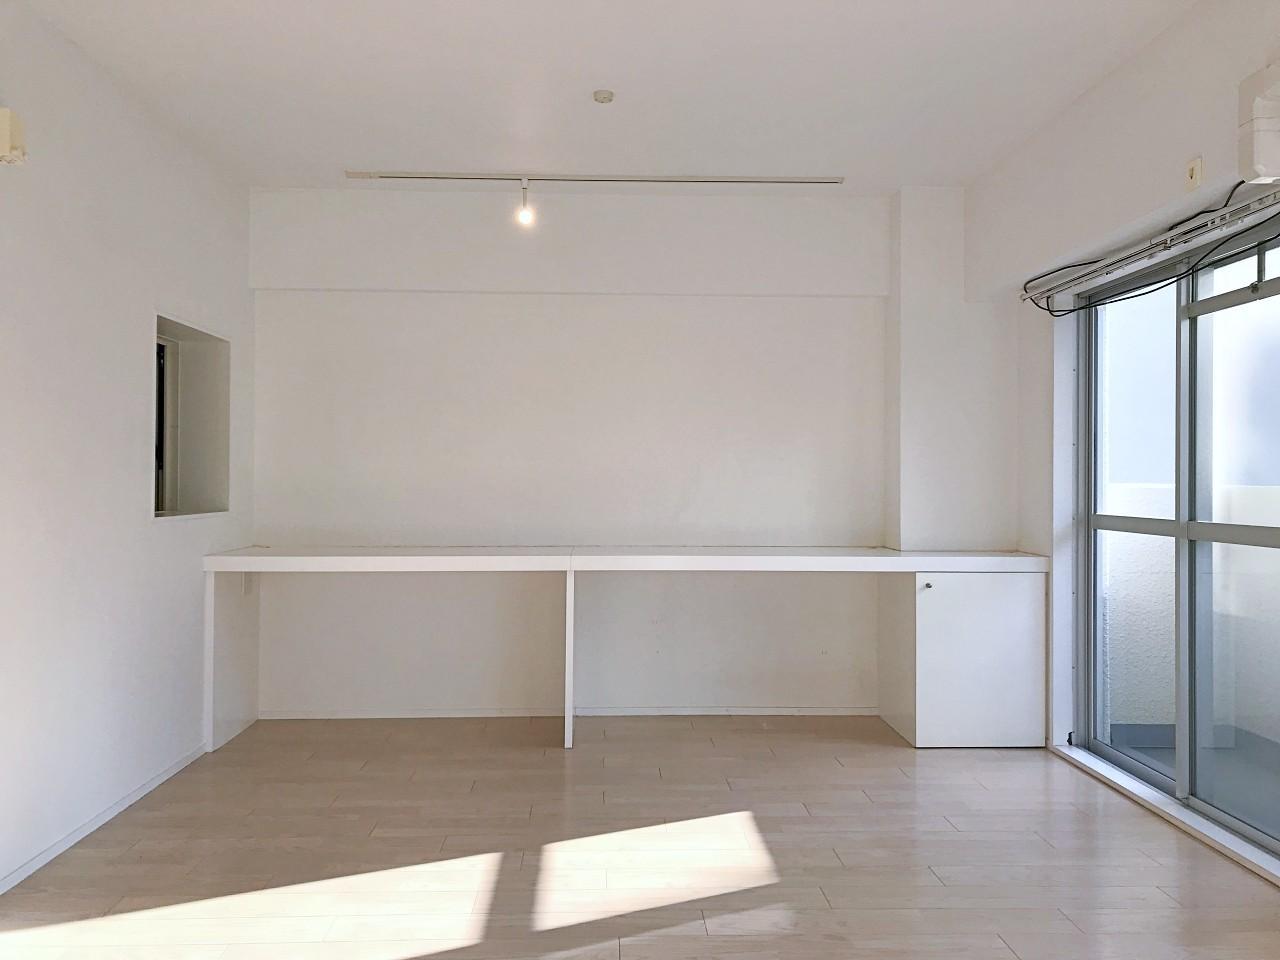 カウンターテーブルを新たに。左の小窓は浴室のもの